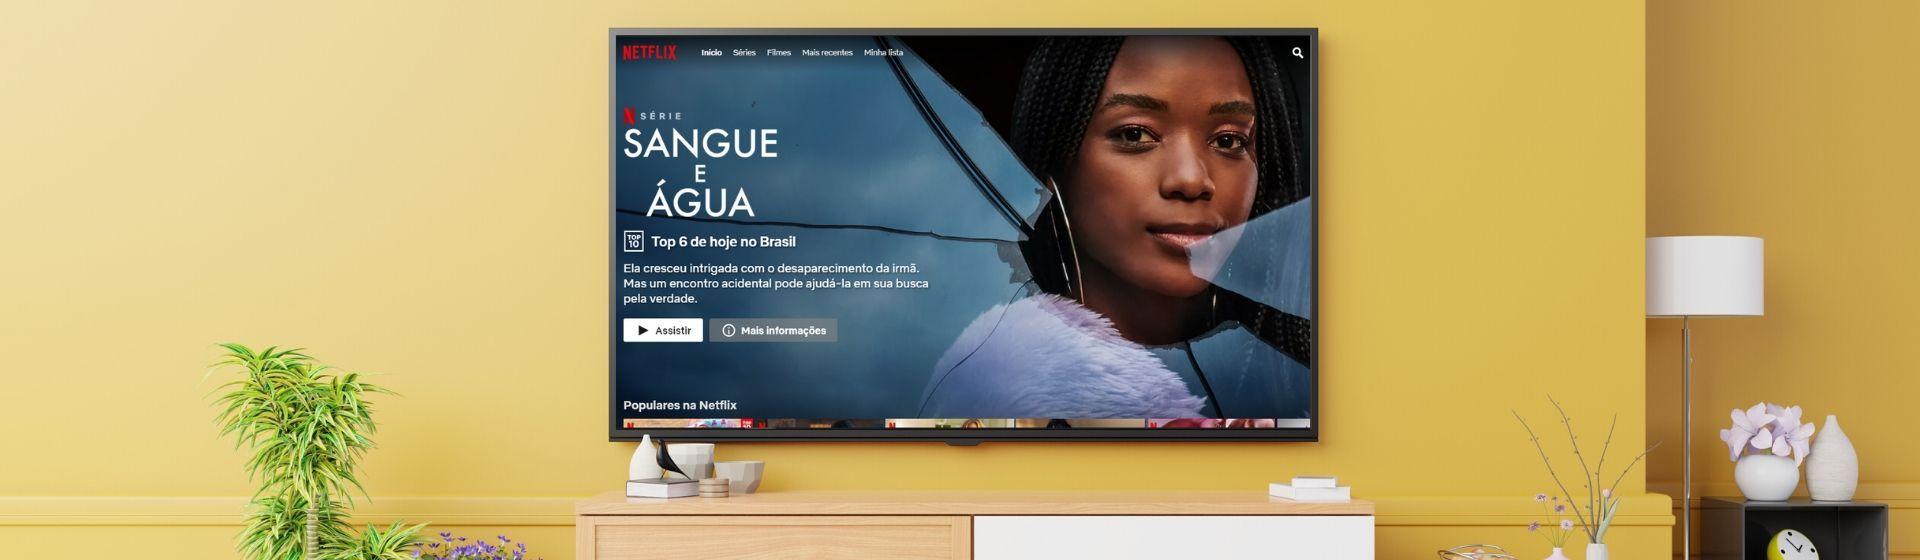 Melhor TV até 2.000 Reais em 2020: LG UN7300 lidera o ranking